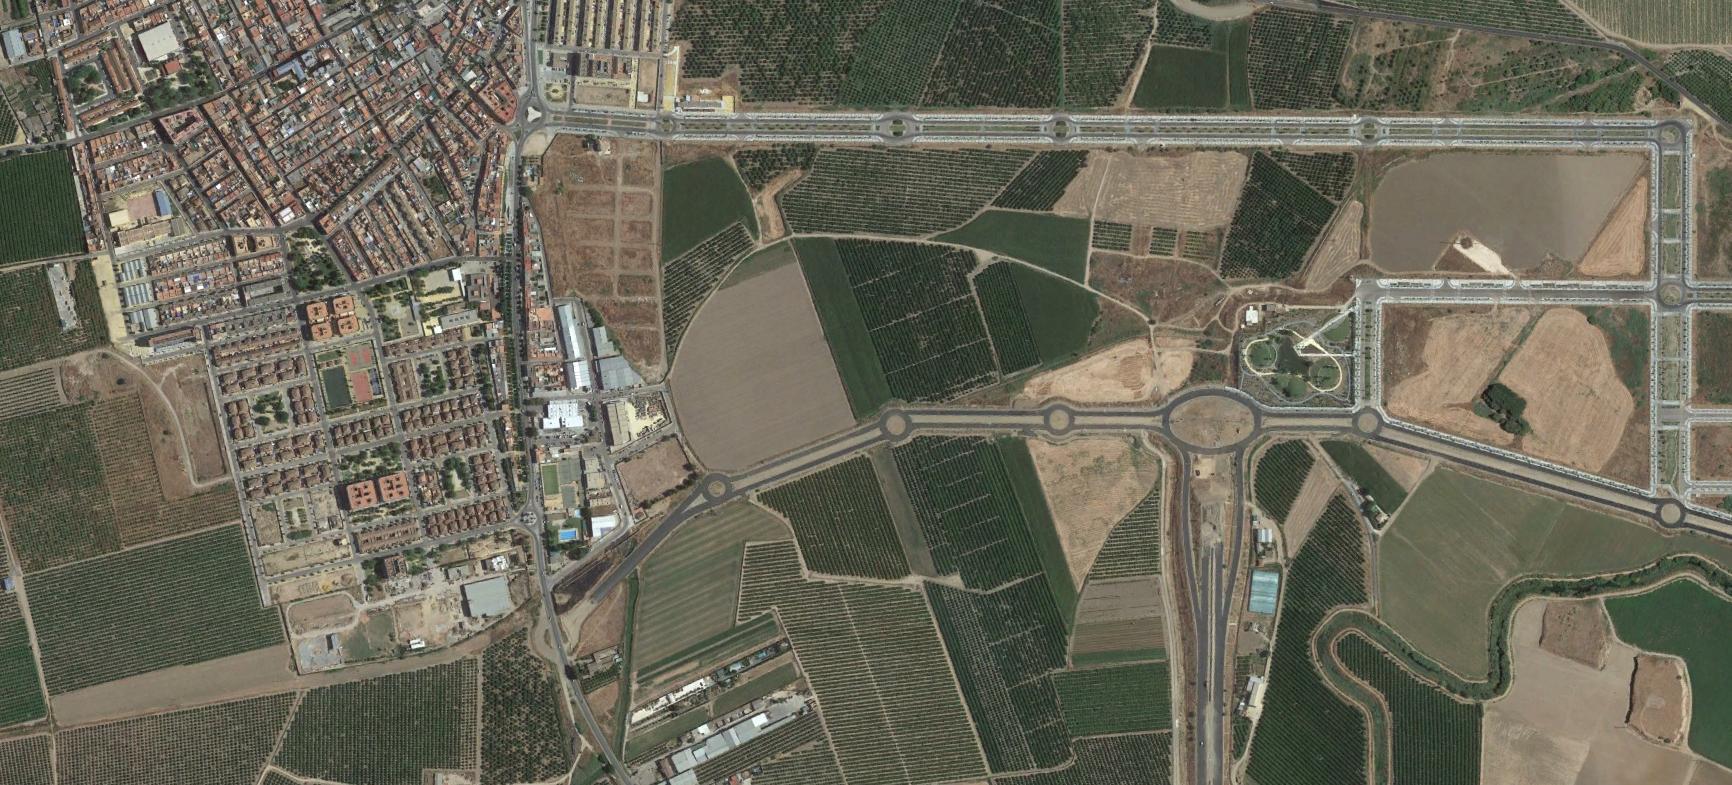 la rinconada, sevilla, polinada, después, urbanismo, planeamiento, urbano, desastre, urbanístico, construcción, rotondas, carretera